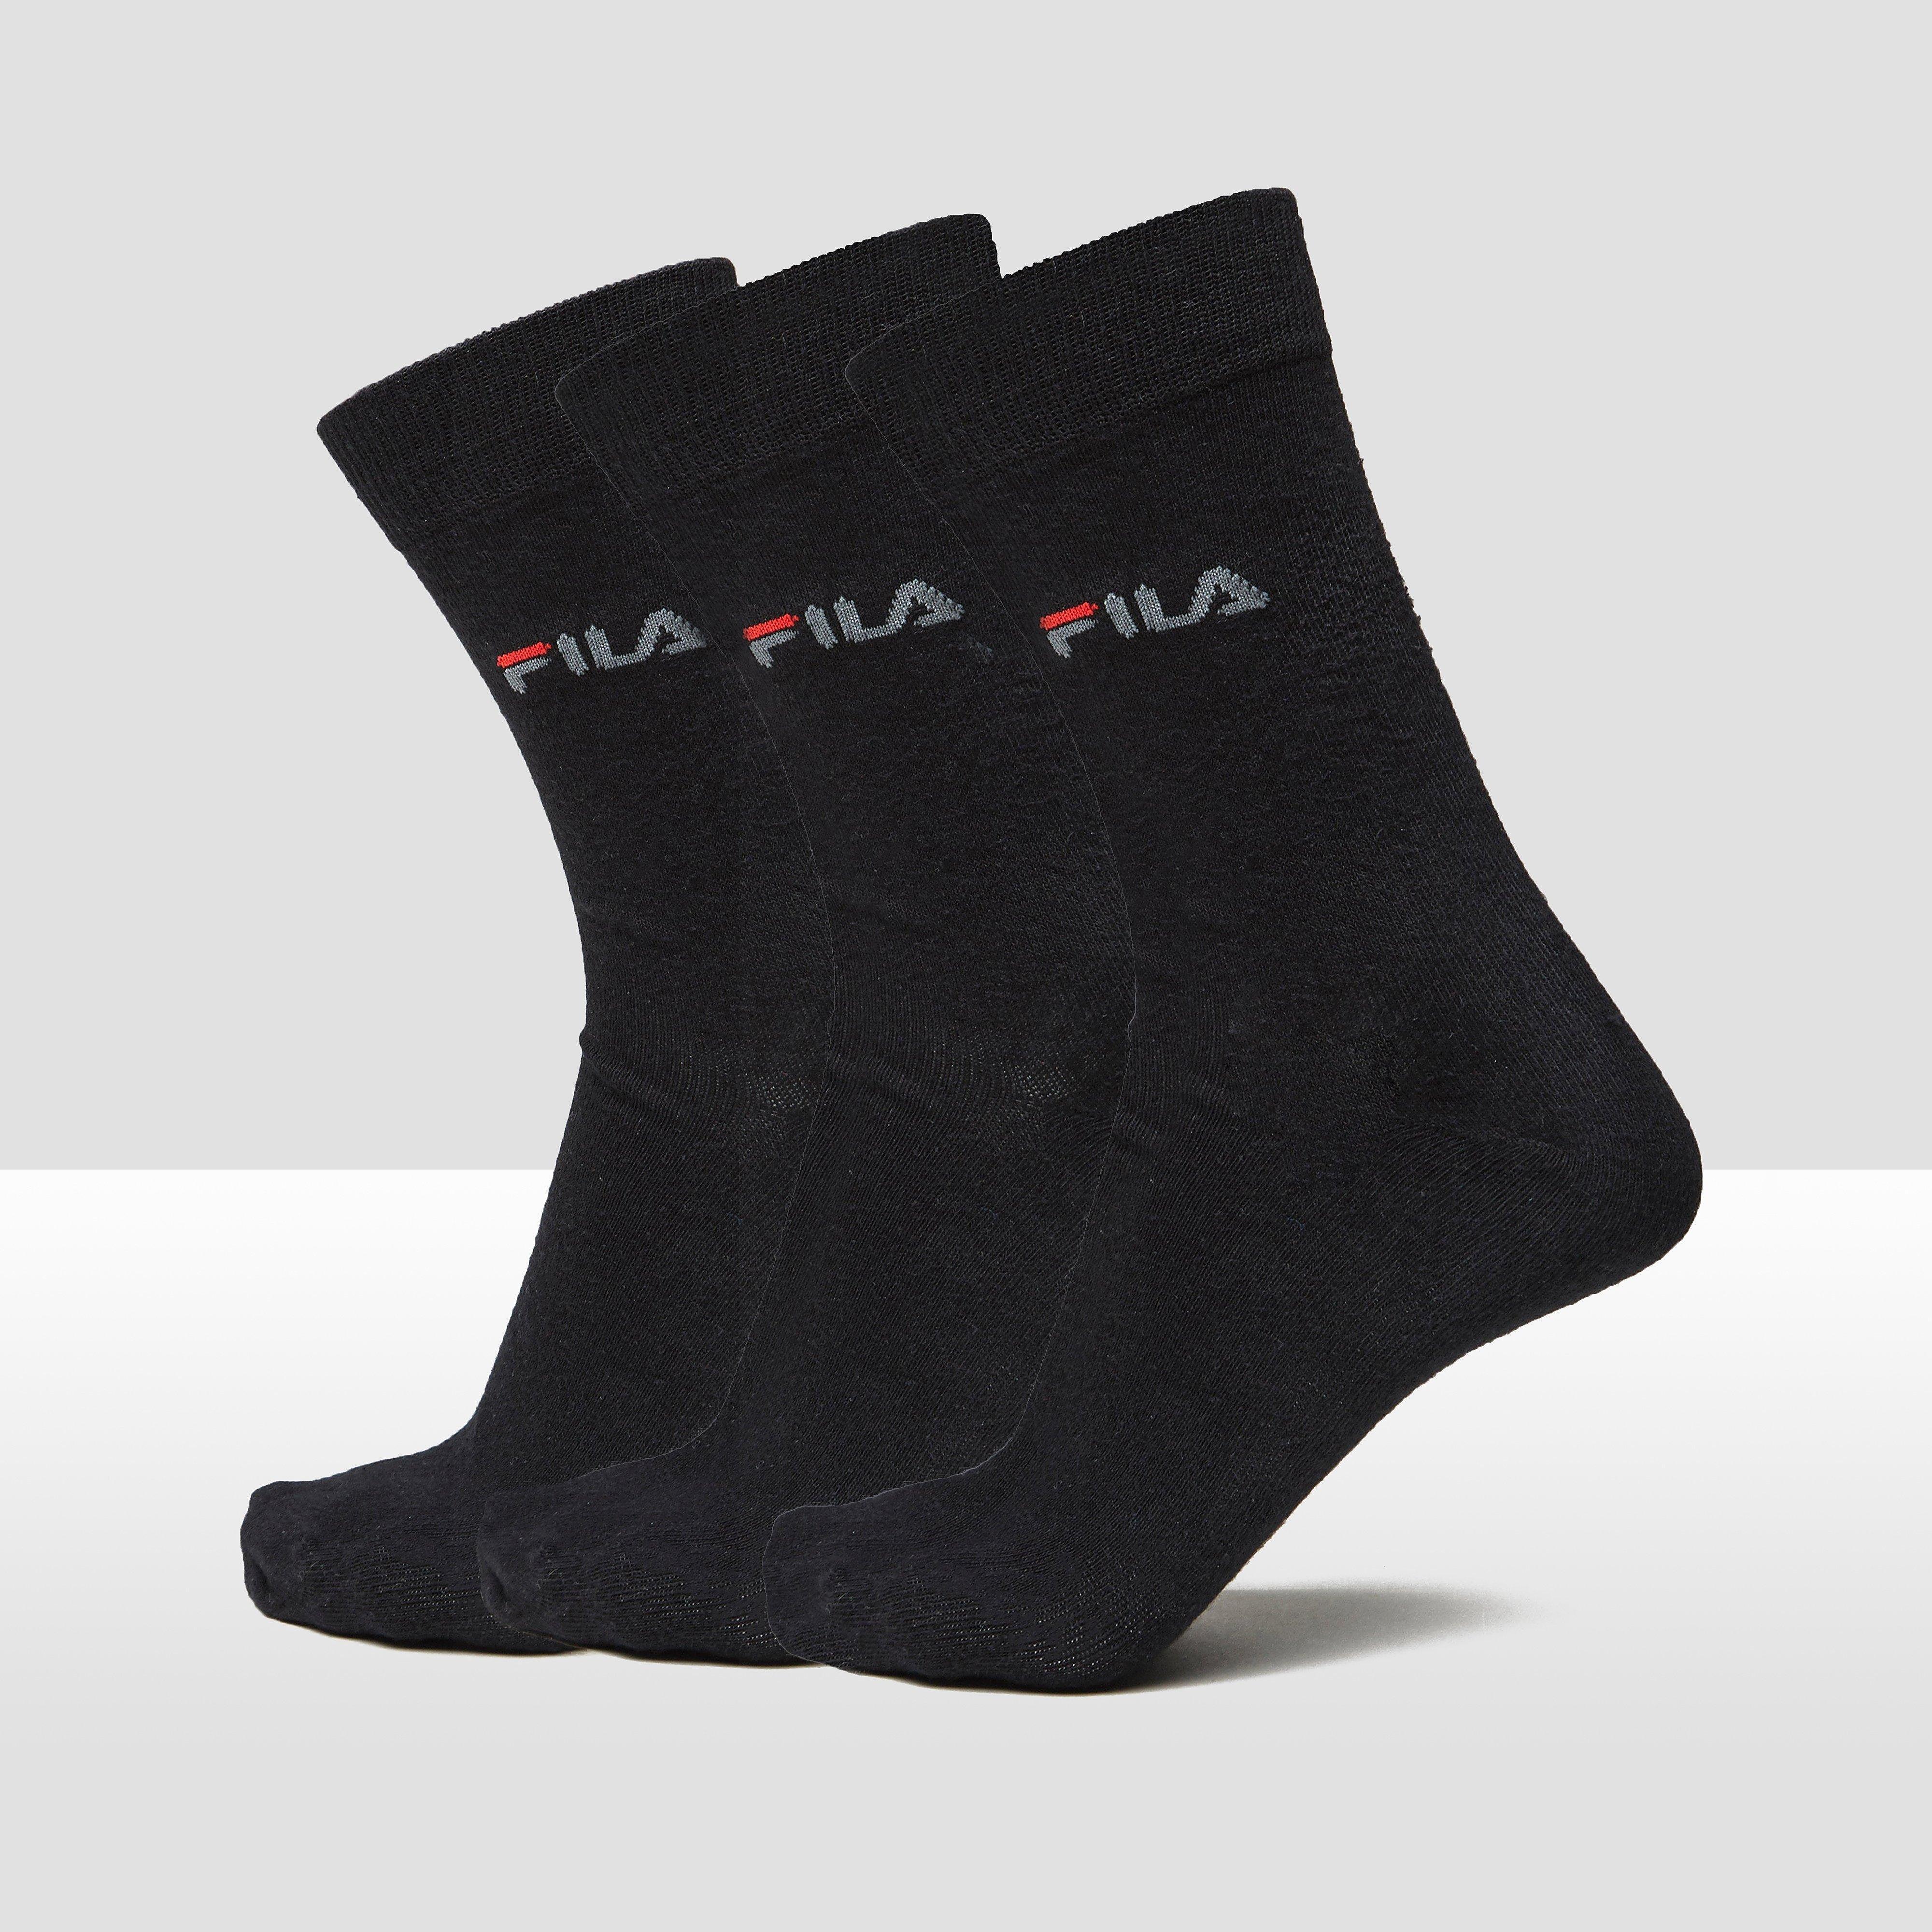 FILA DRESSED SOKKEN 3-PACK ZWART